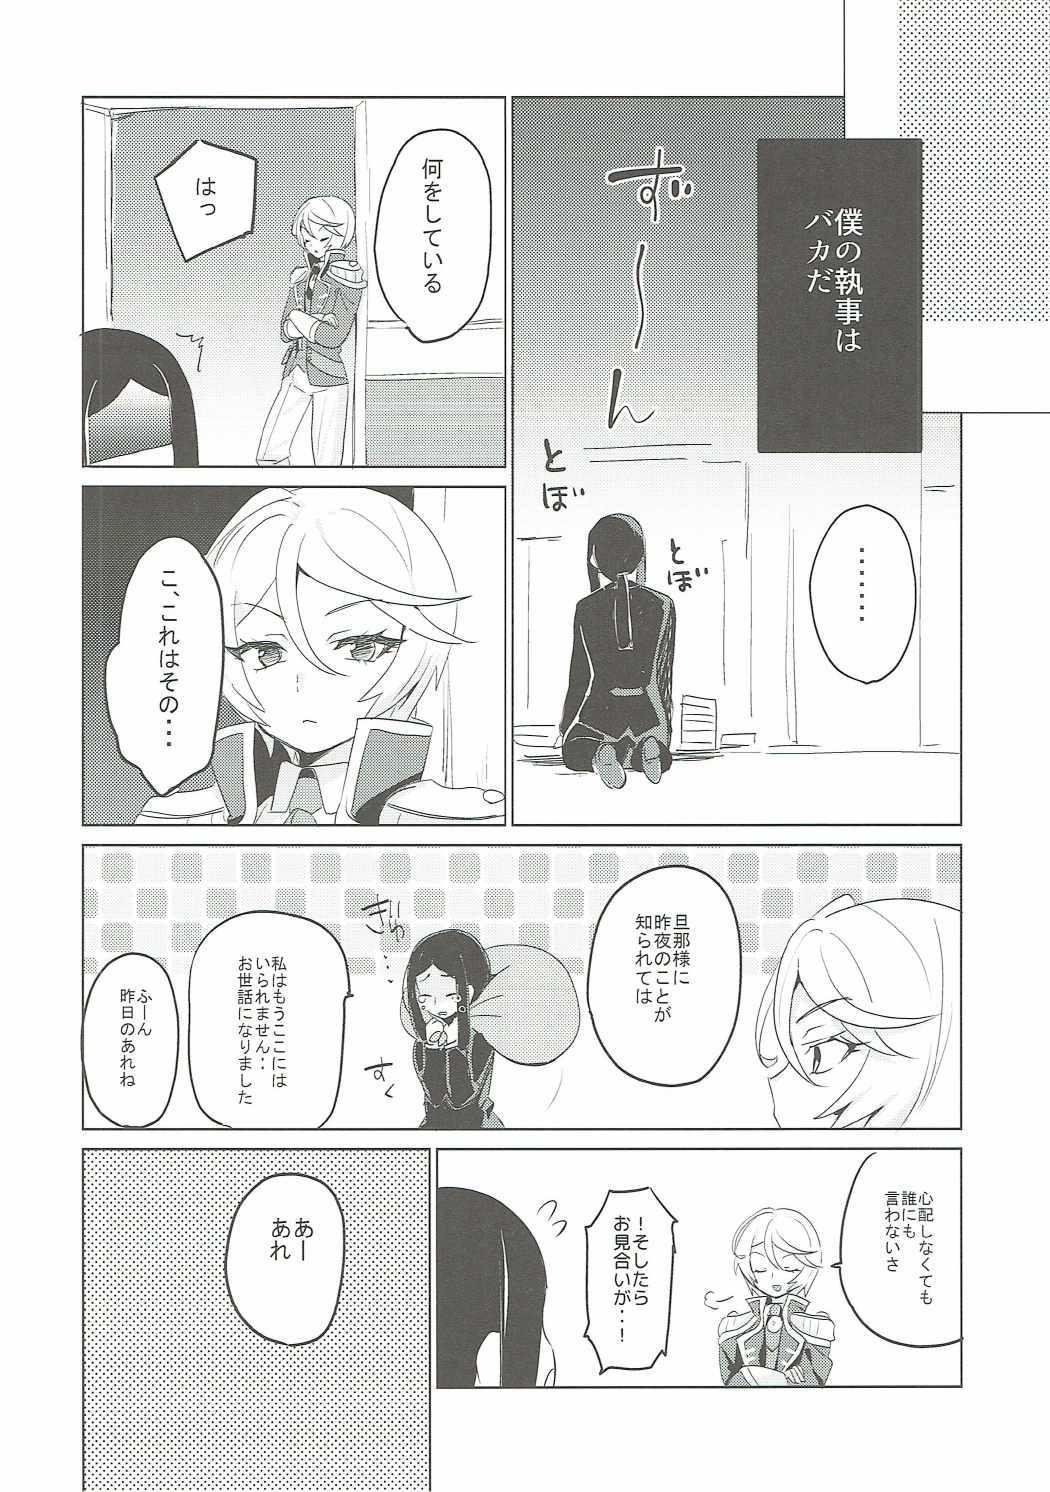 Soshitara Zenbu Yurushite Yaru 28